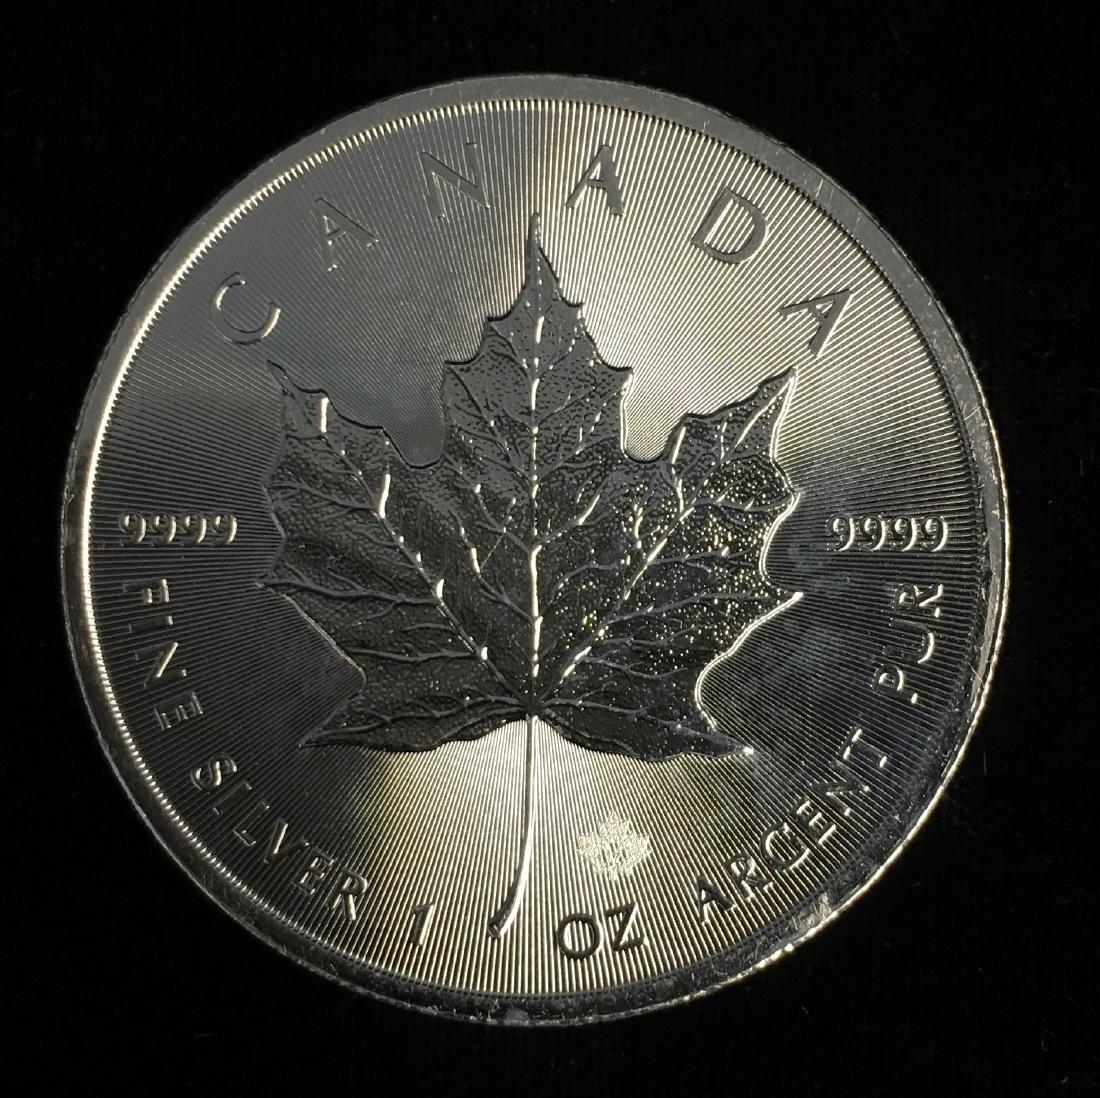 2017 $5 Canada Maple Leaf 1oz. Fine Silver GEM BU Very